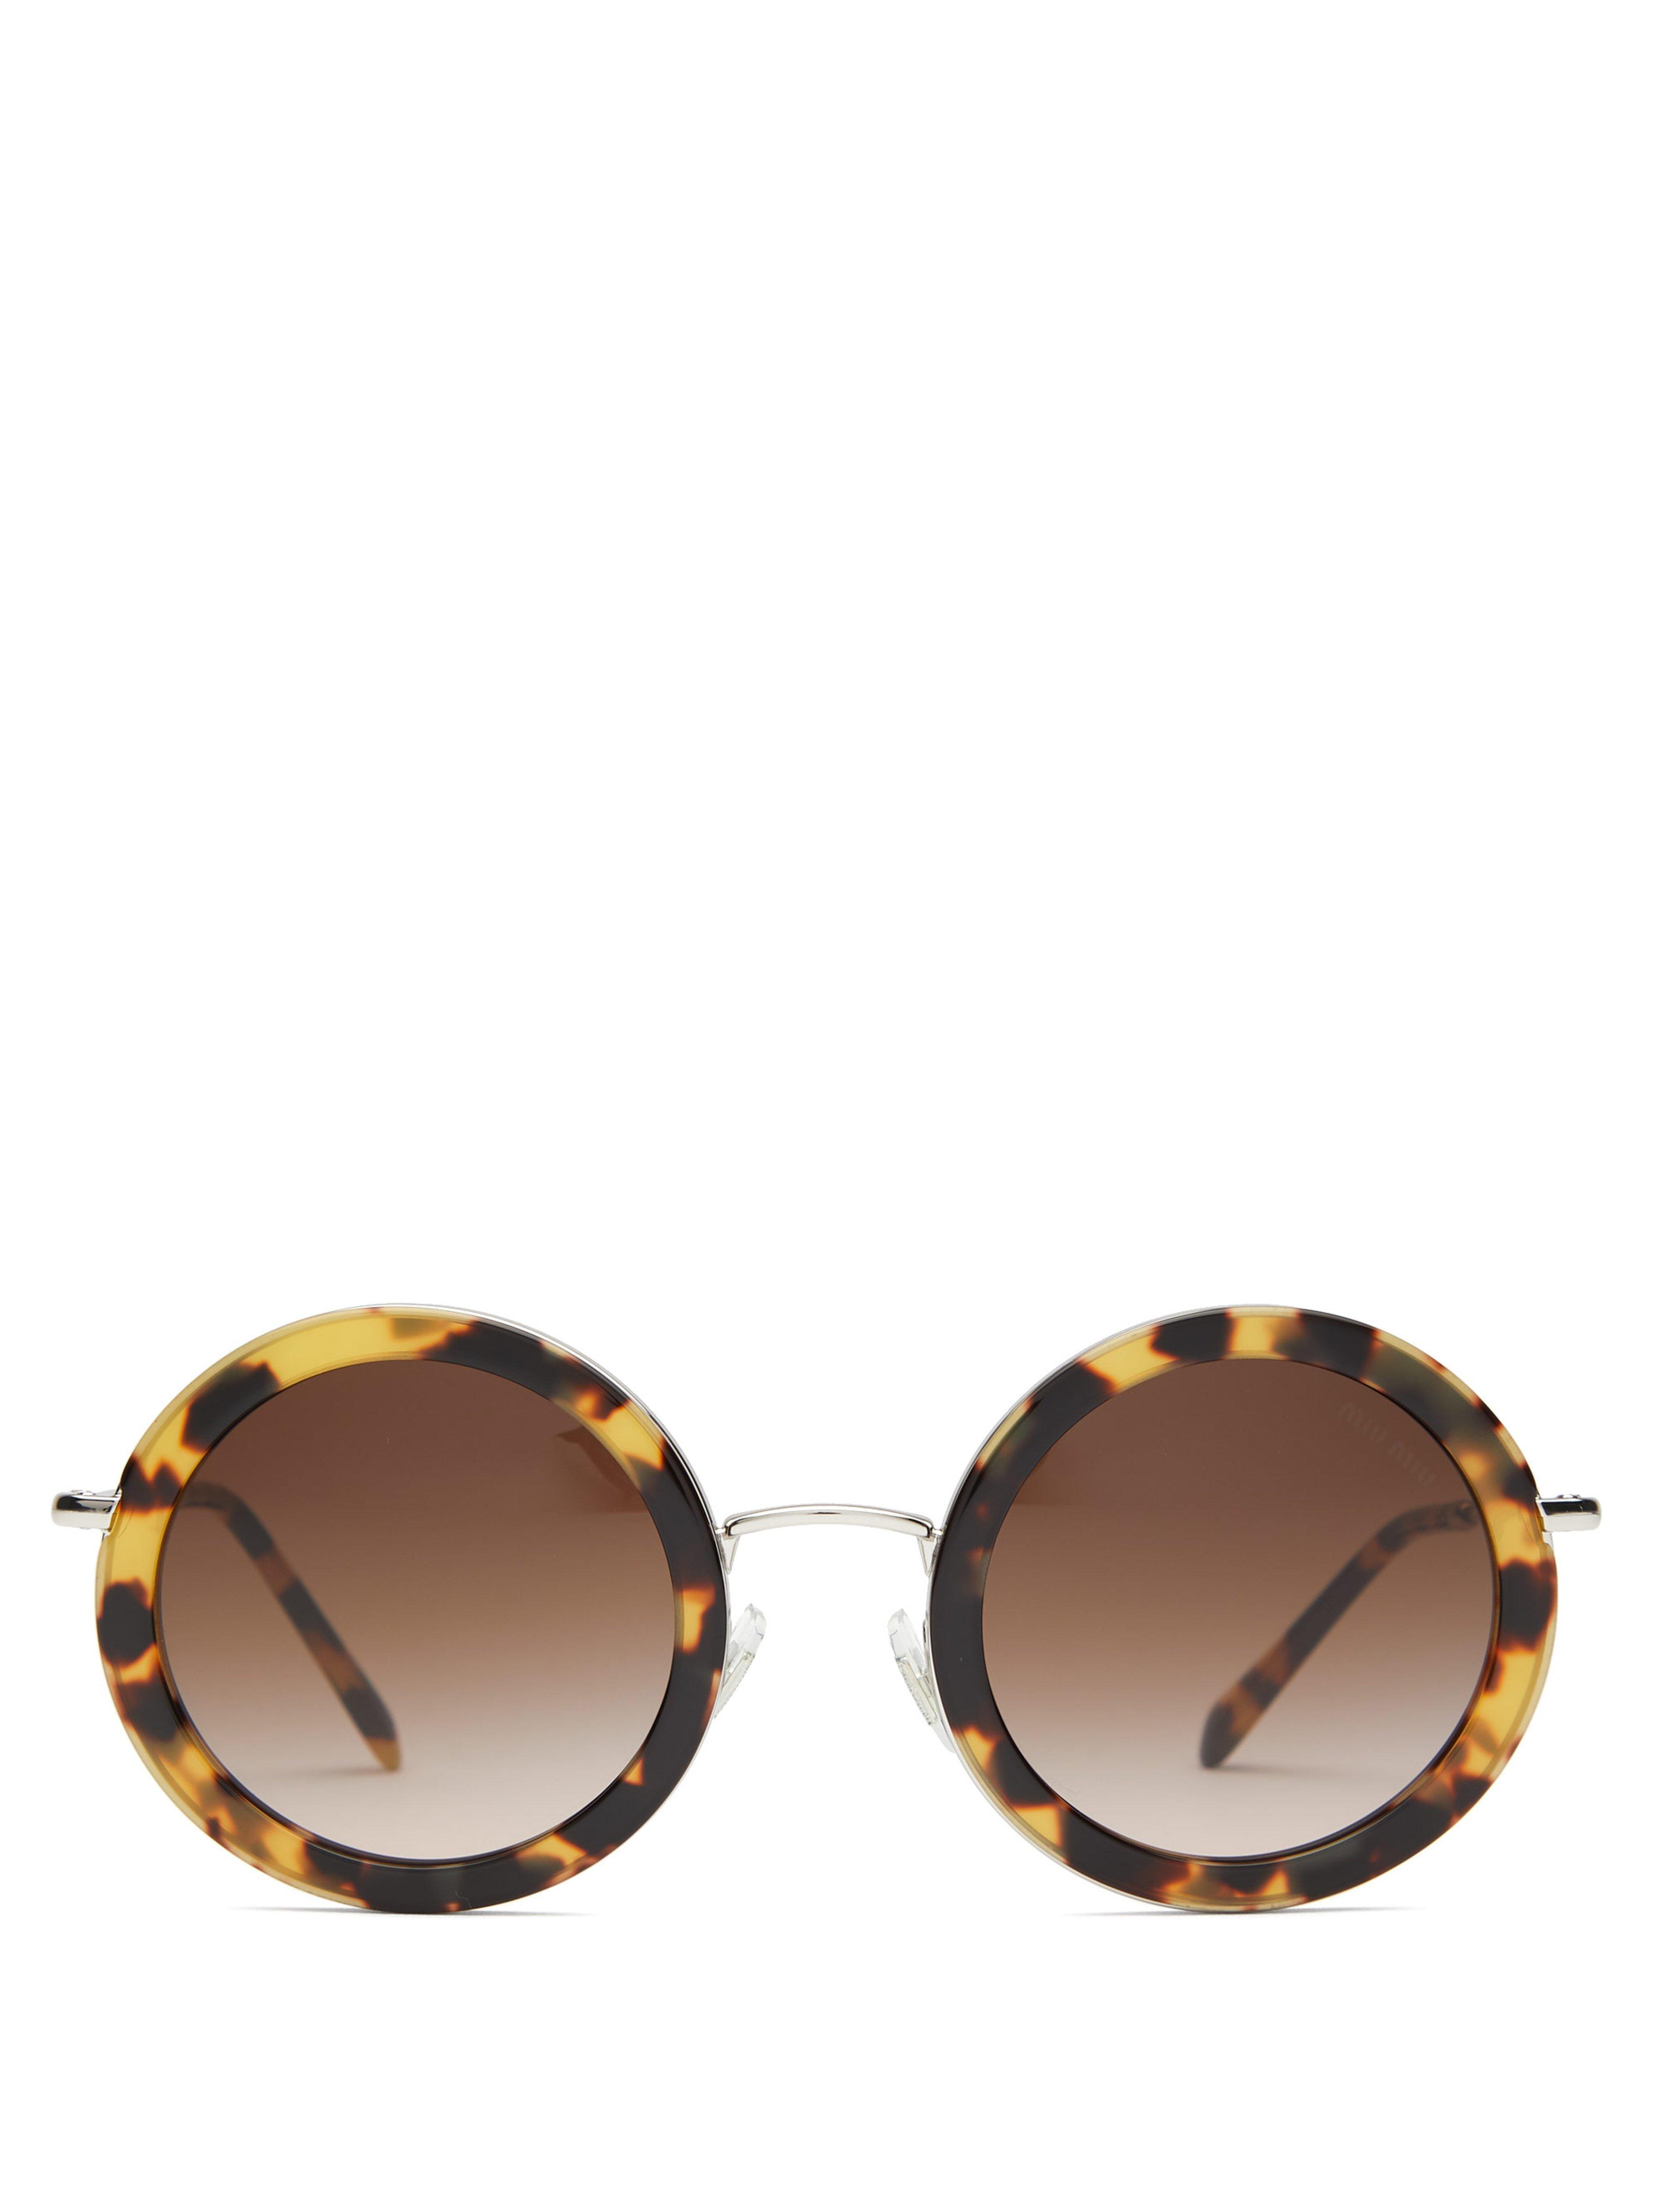 2b28194dd14 Miu Miu Oversized Round Frame Acetate Sunglasses in Brown - Lyst